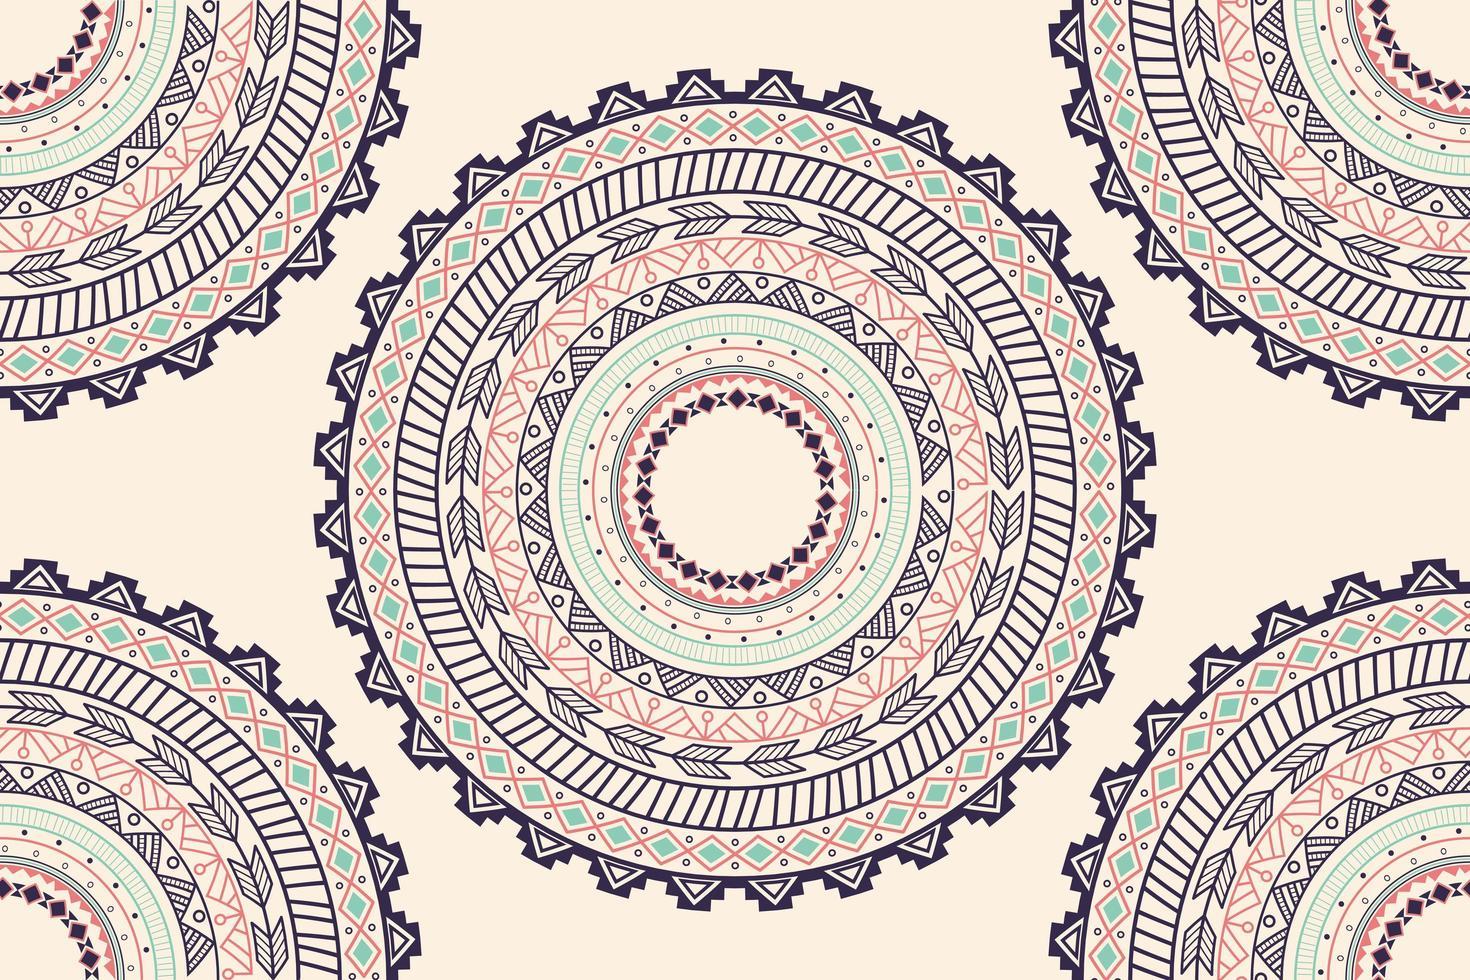 Padrão sem emenda de ornamento étnico círculo asteca vetor